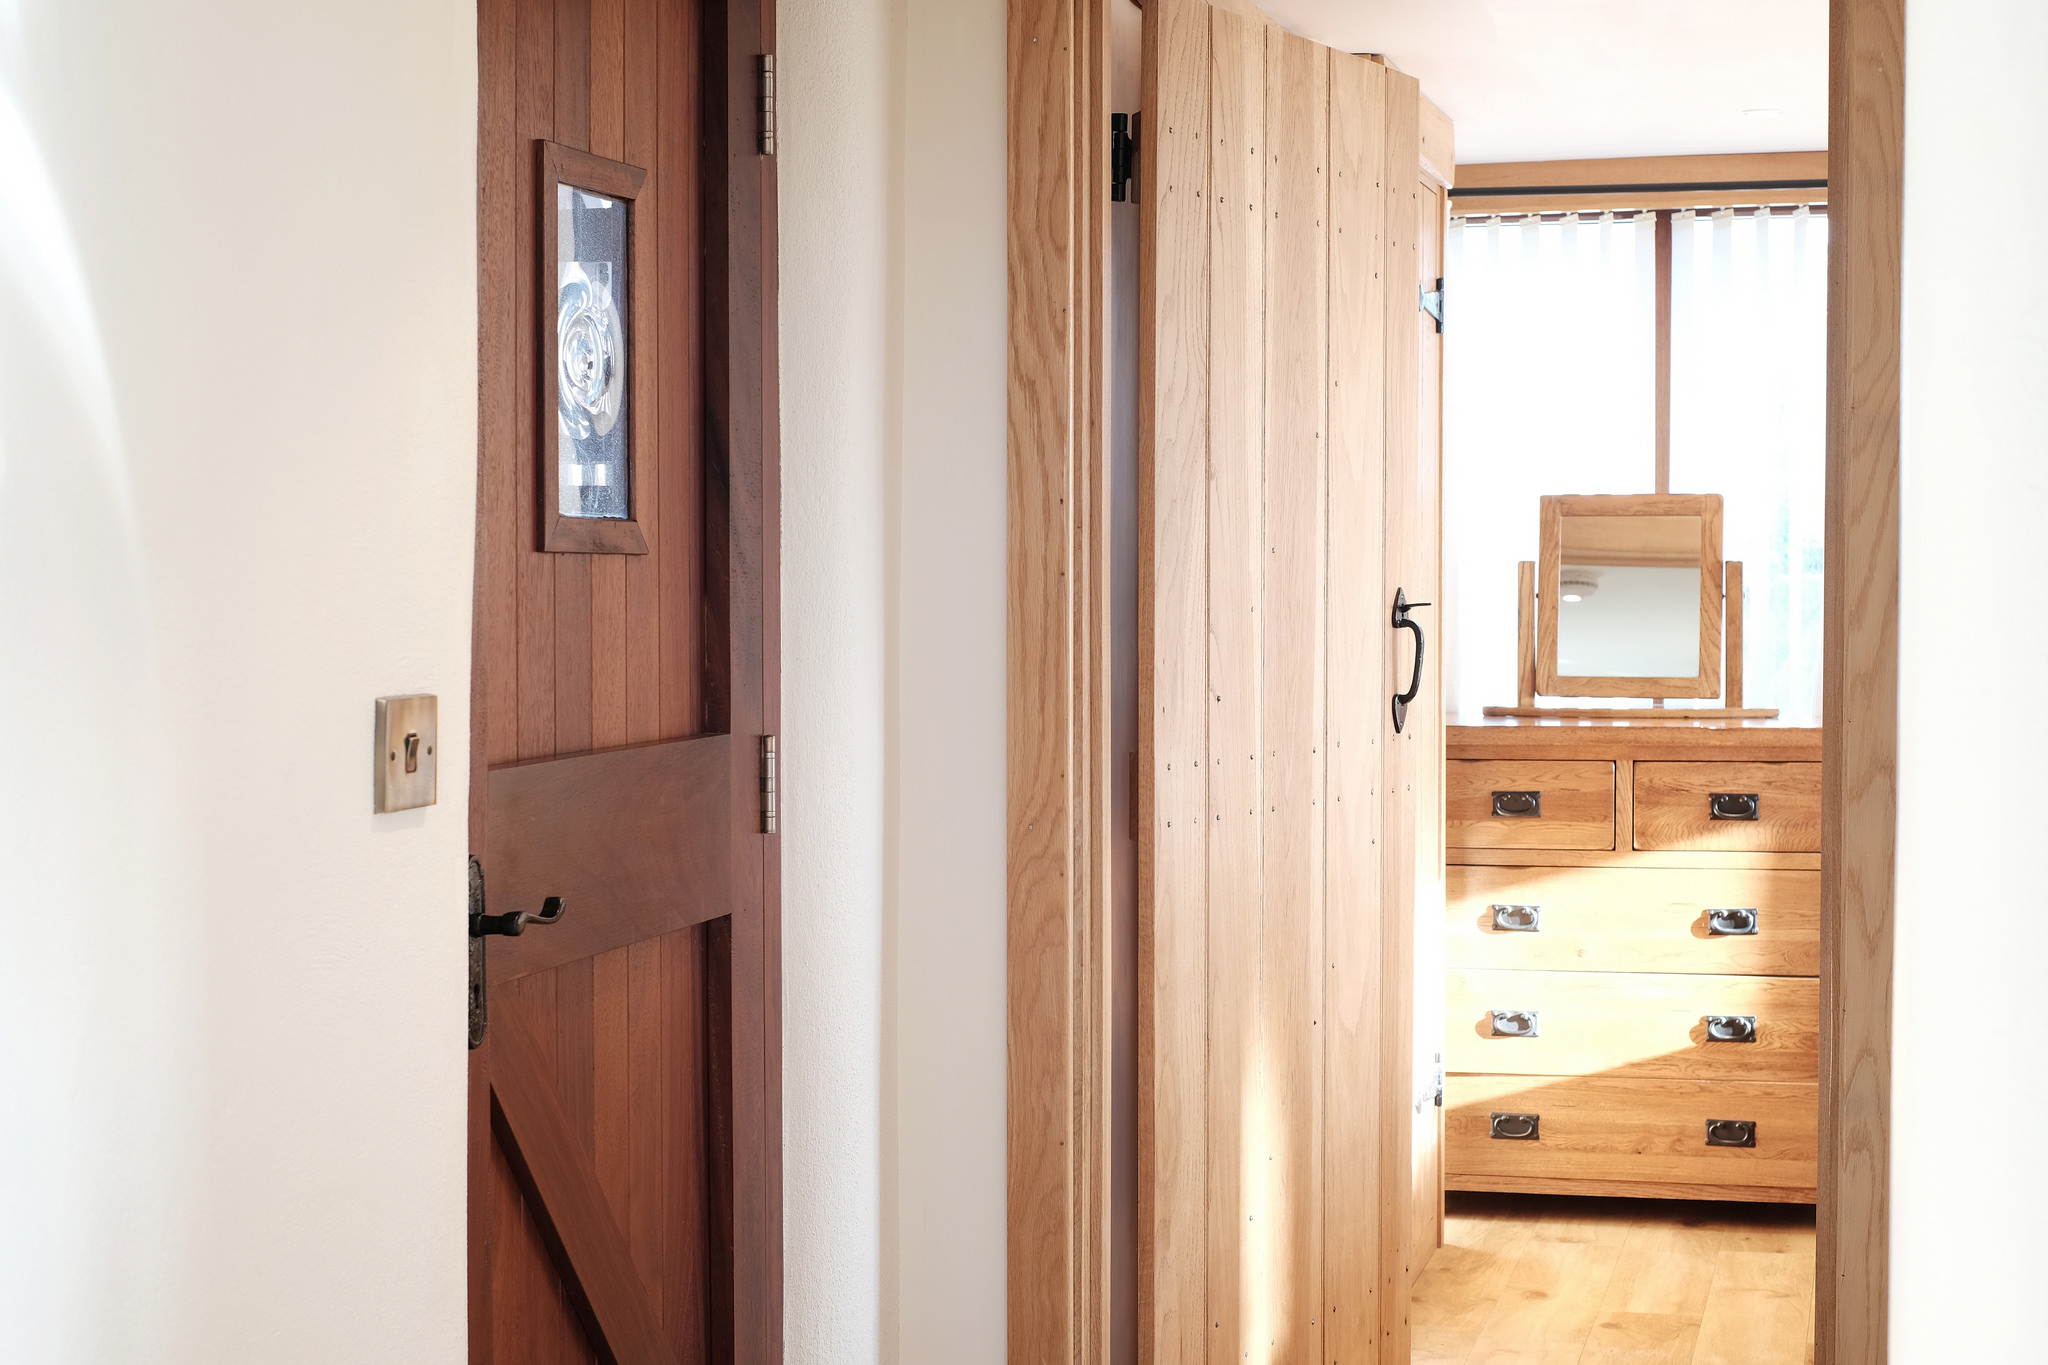 The entrance door looking towards the bedroom through the handmade oak door